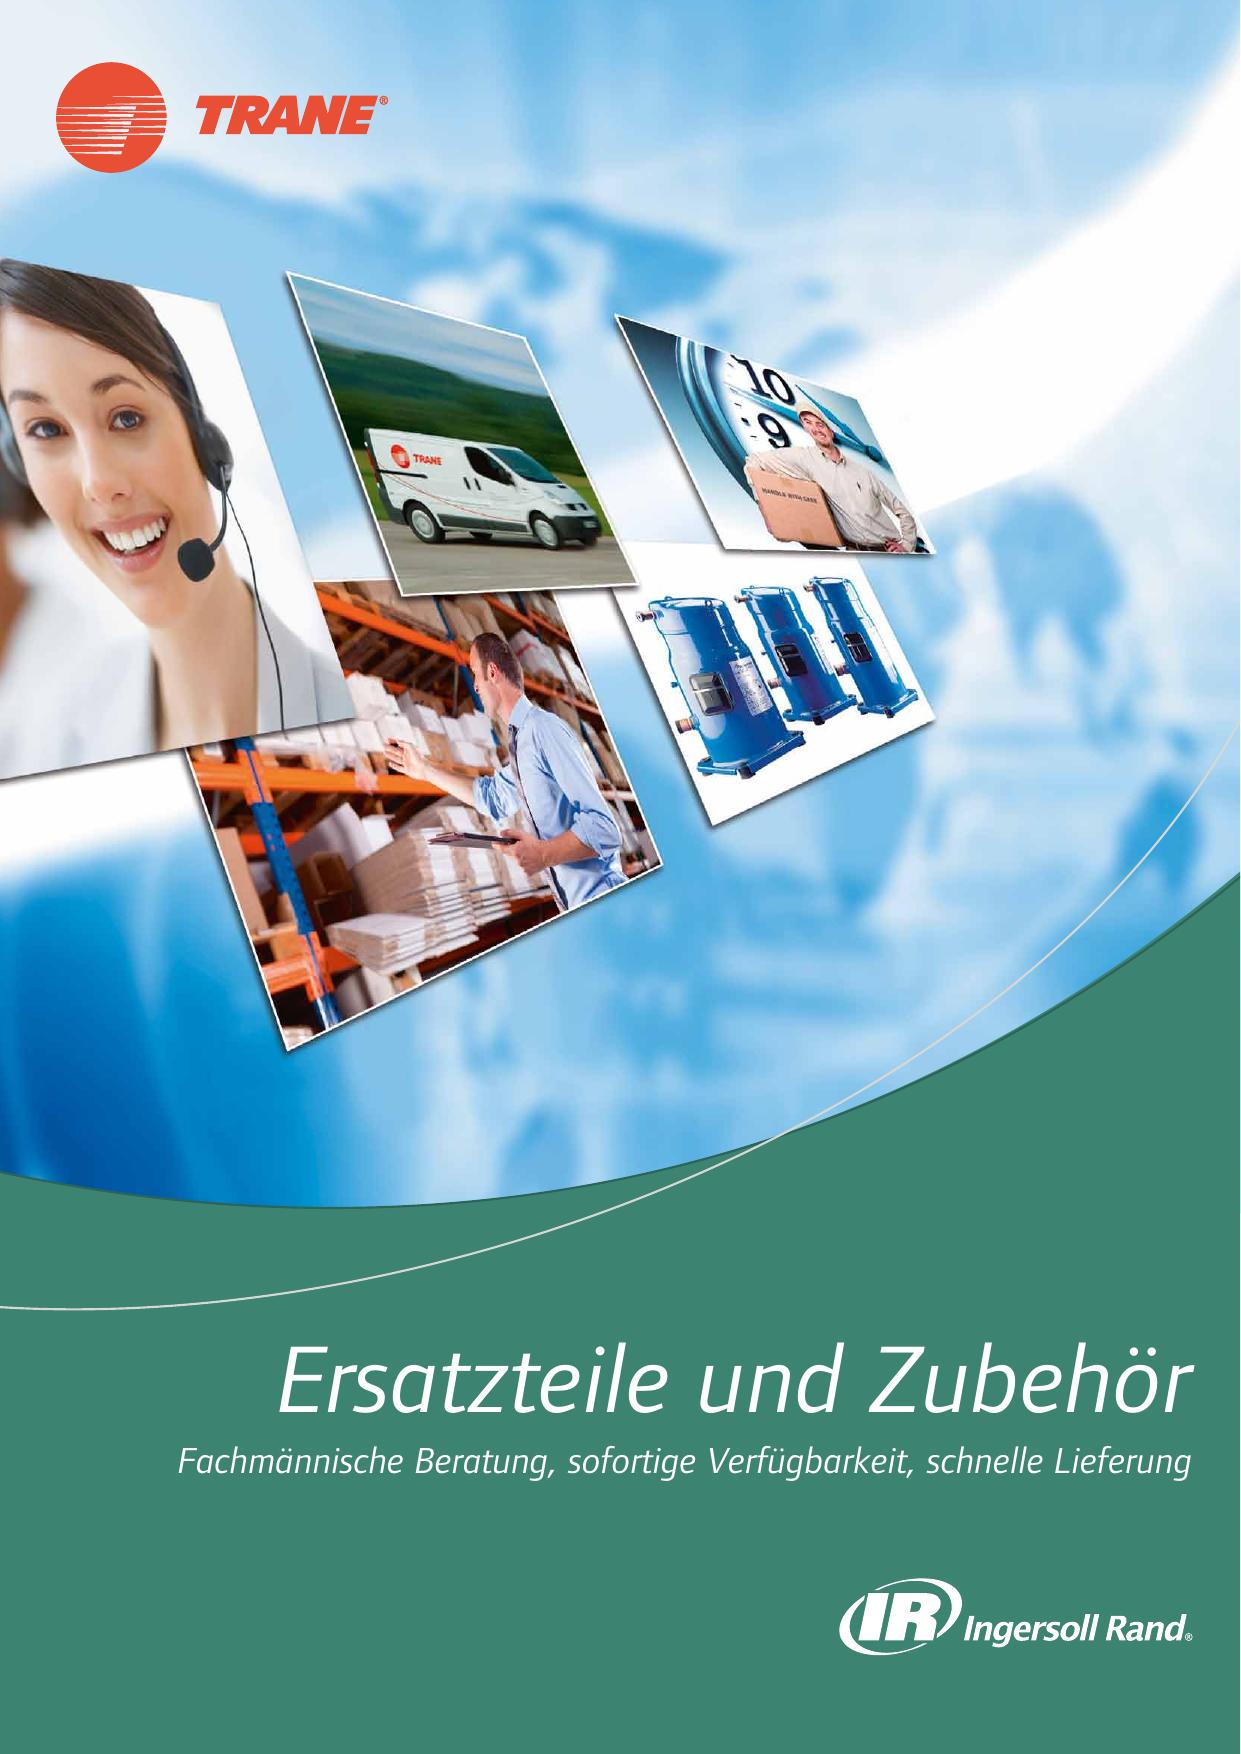 Ersatzteile und Zubehör | manualzz.com